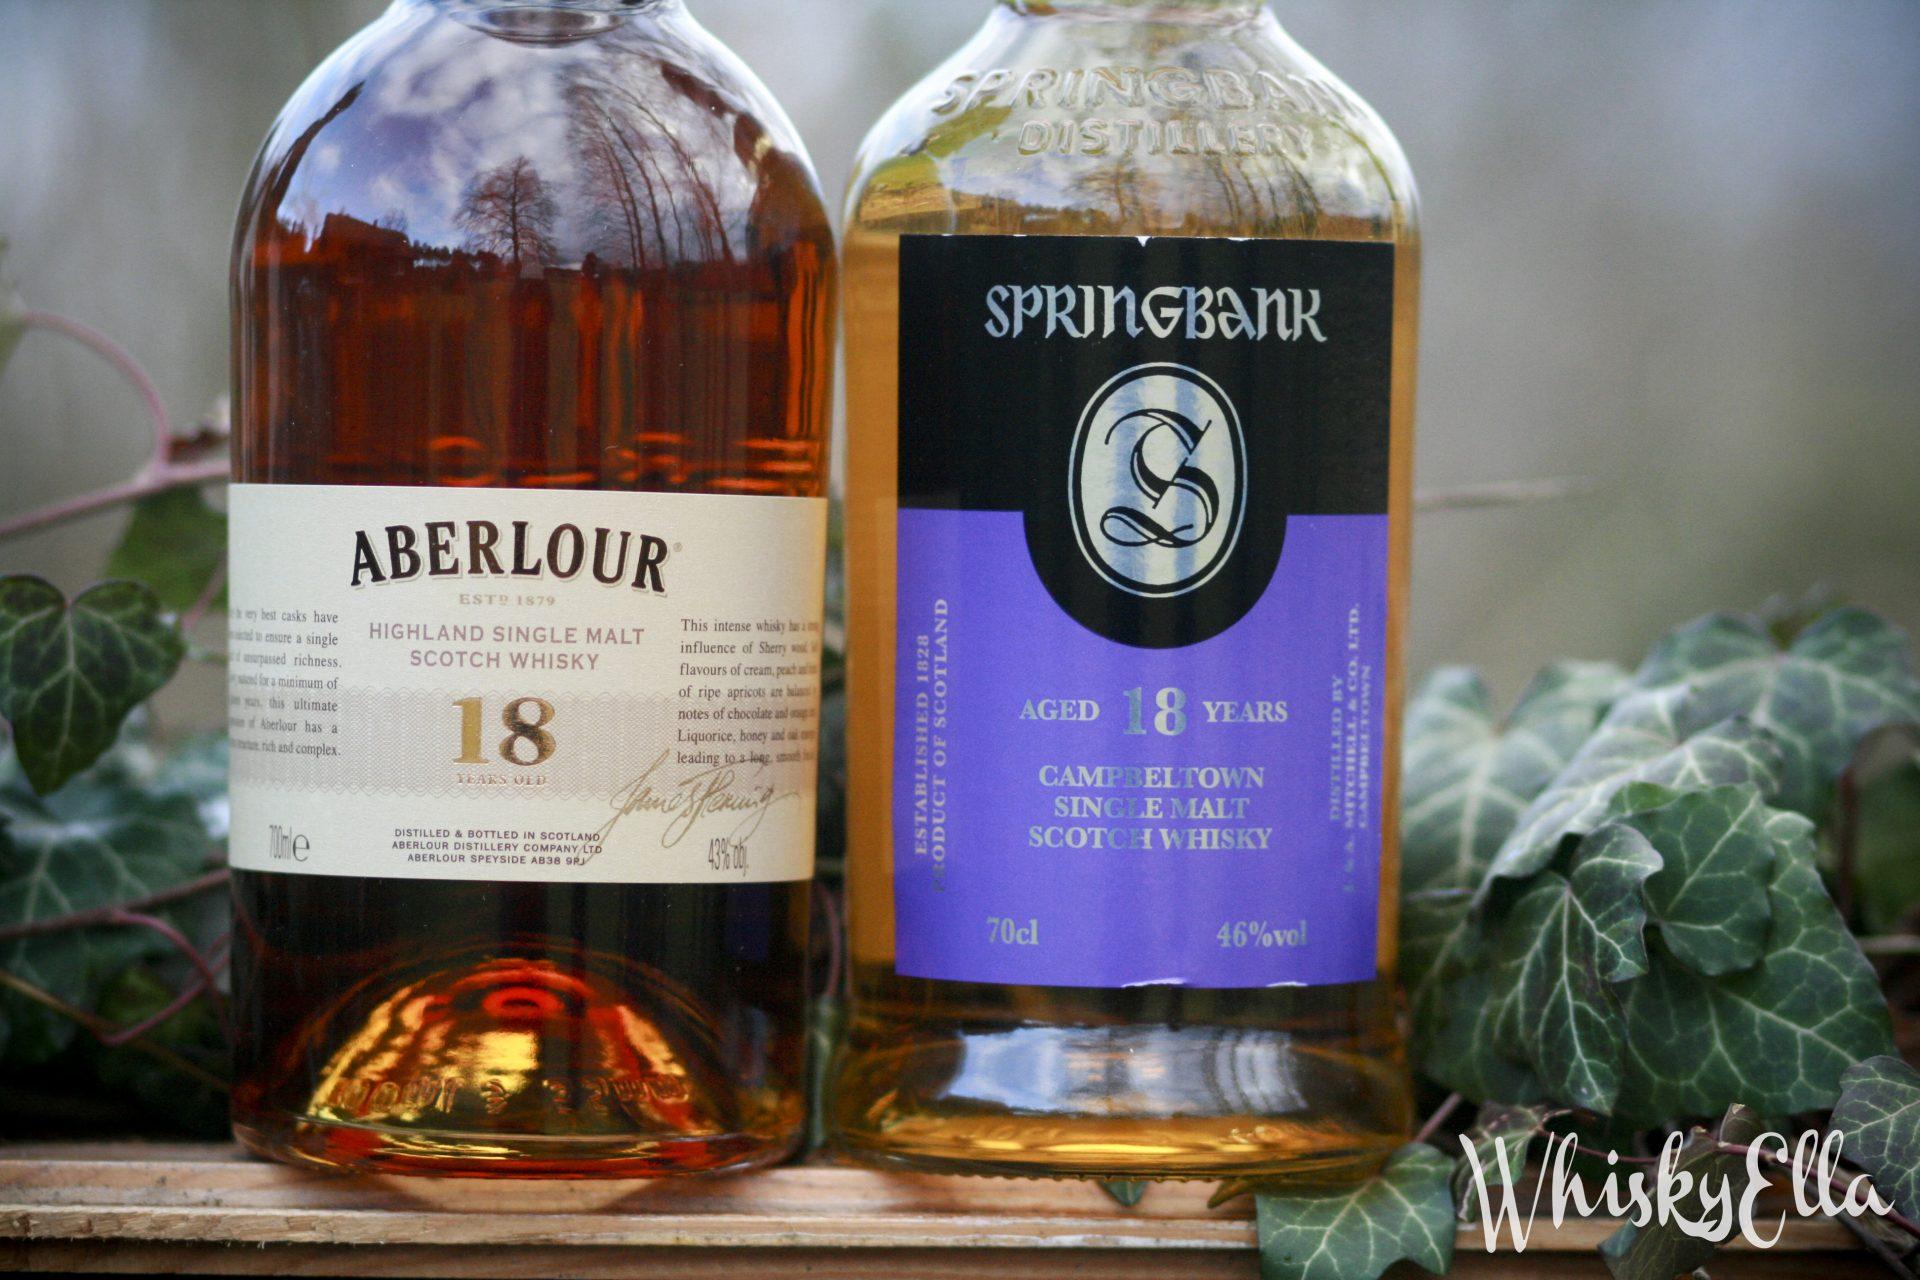 Nasza recenzja Springbank 18 yo vs Aberlour 18 yo #88